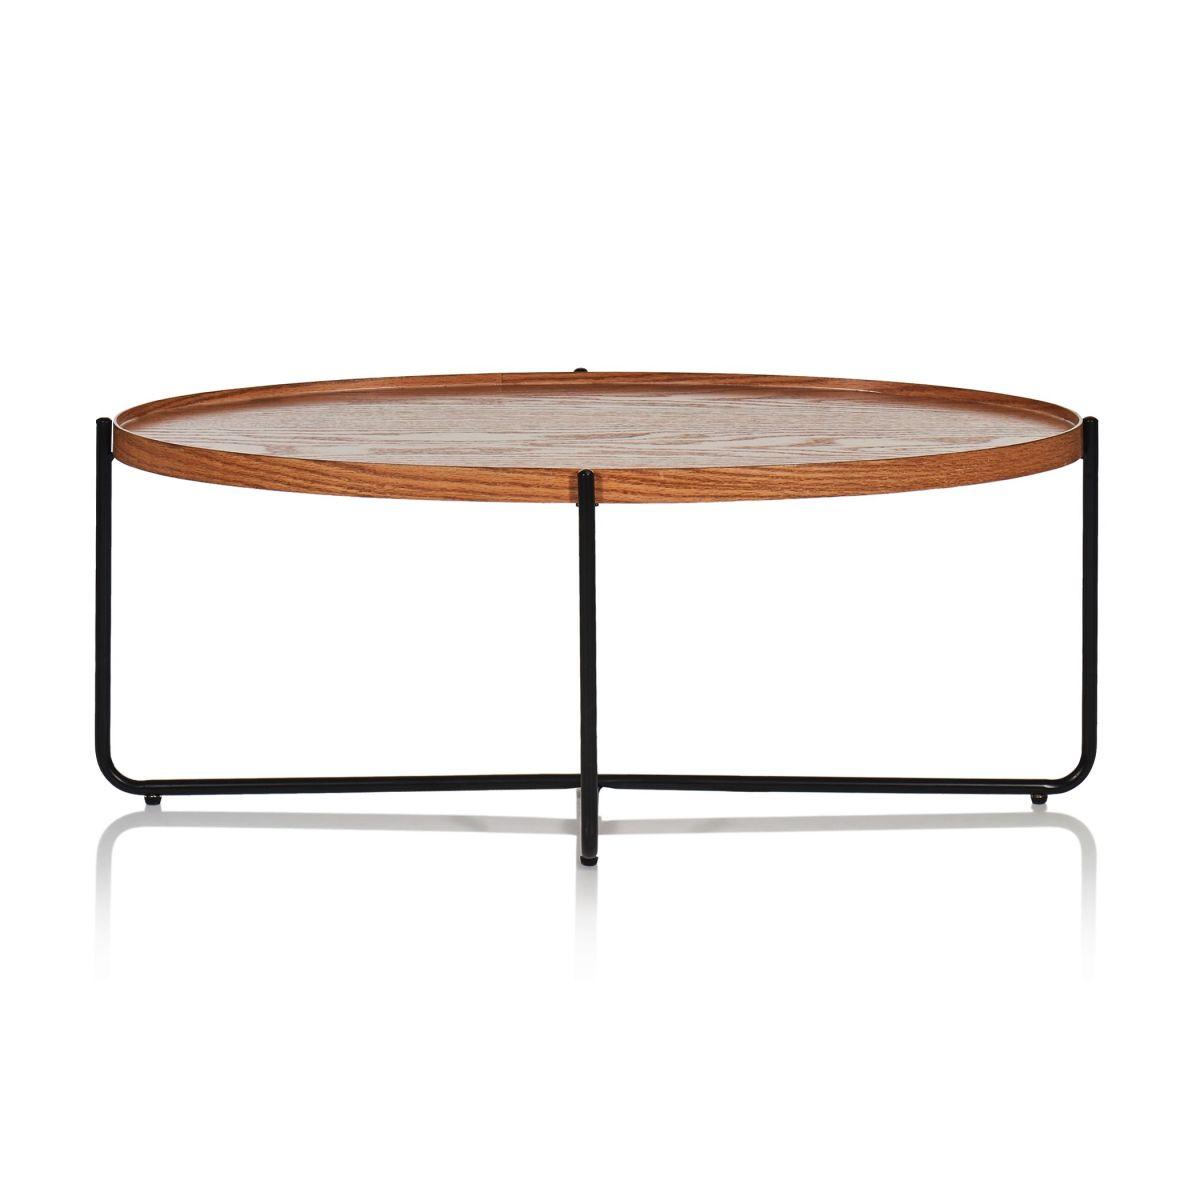 produkte aus couchtische impressionen meine wunschliste. Black Bedroom Furniture Sets. Home Design Ideas